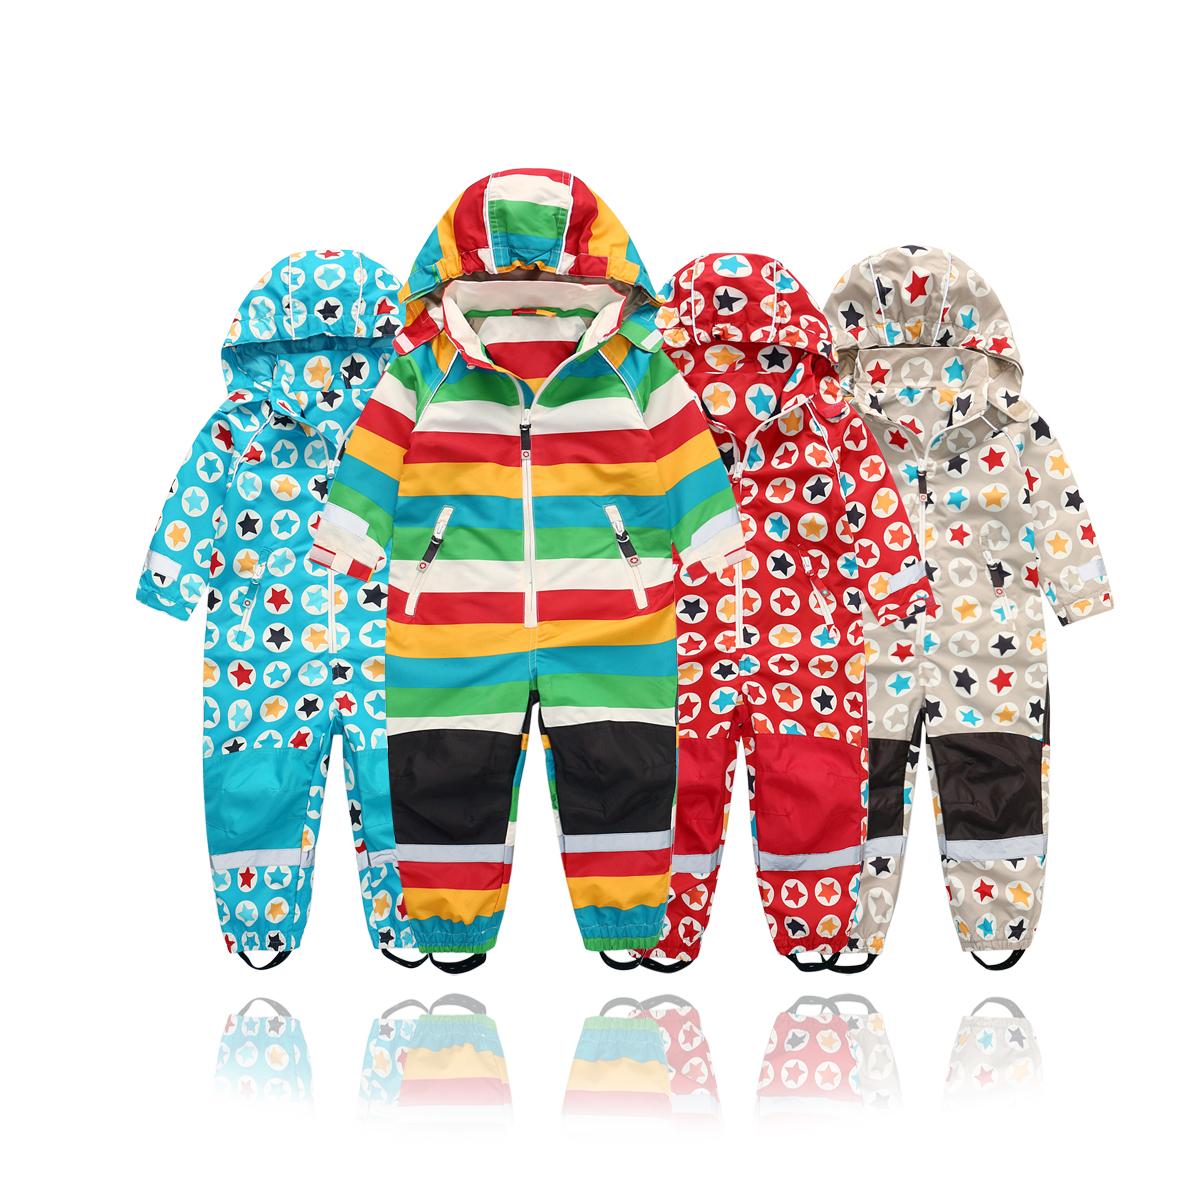 春秋冬戶外滑雪兒童嬰幼兒薄款防水透氣連體服男童女童連體騎車服